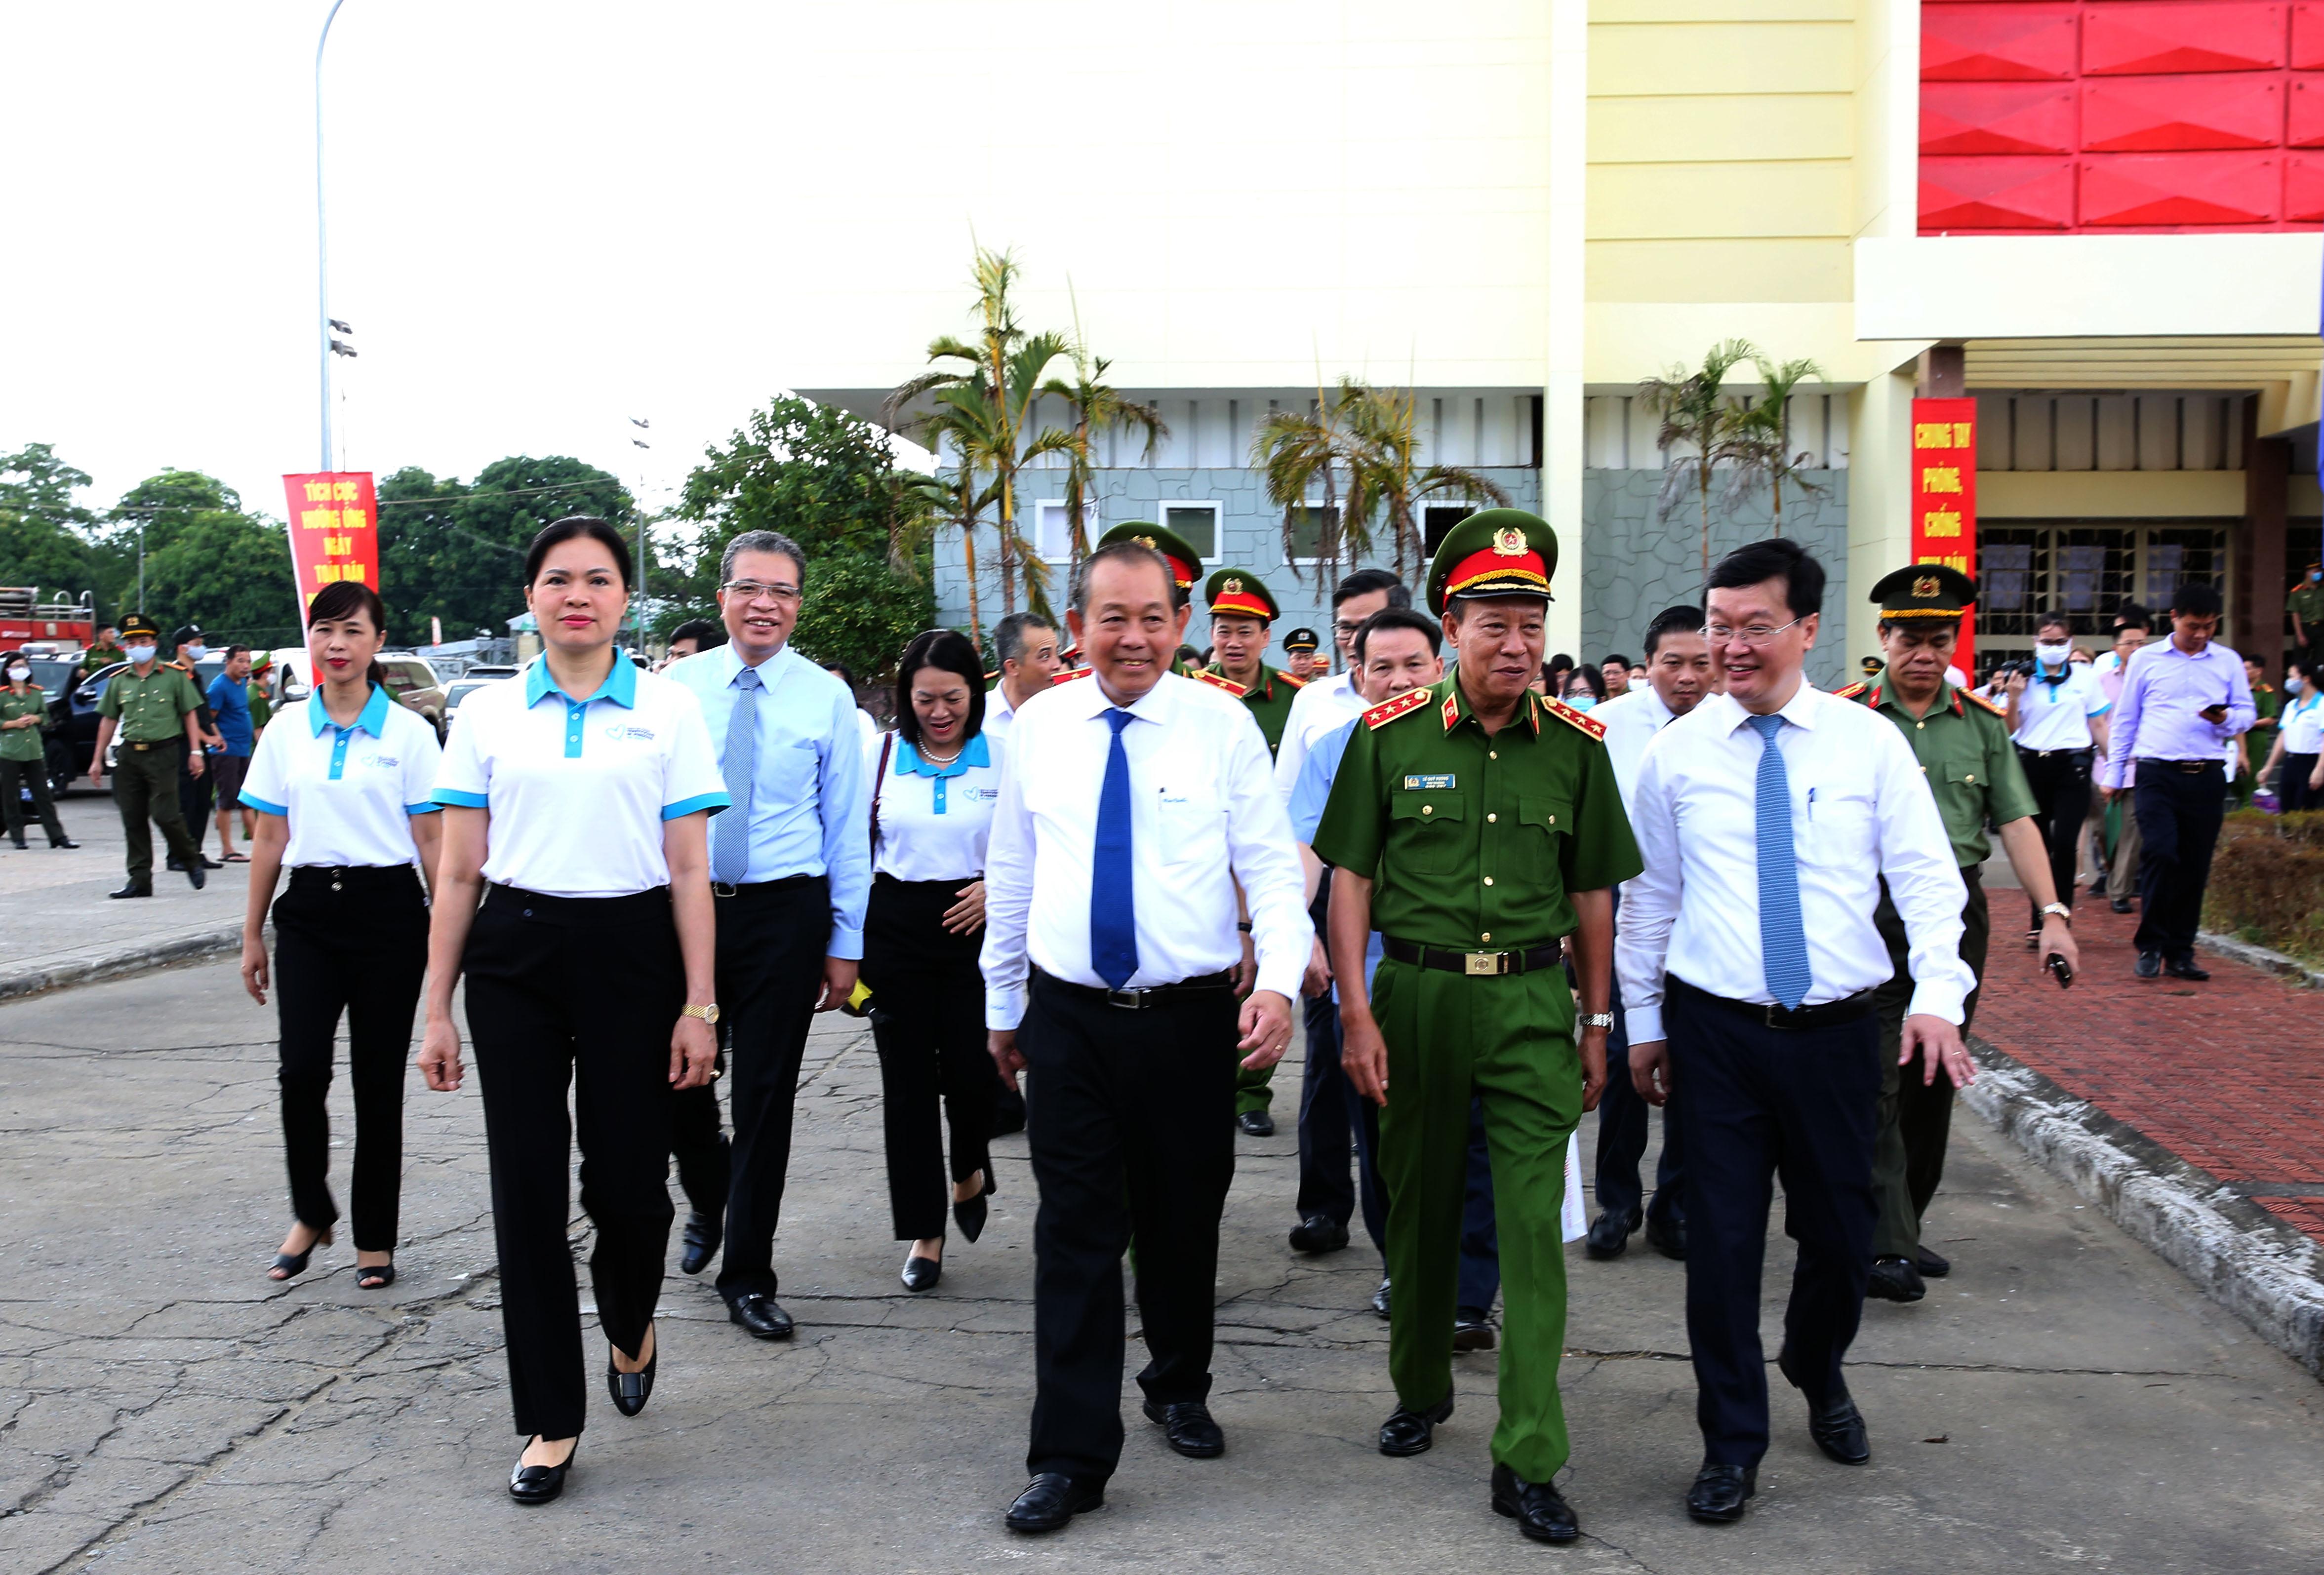 Phó Thủ tướng Trương Hòa Bình và các đại biểu đi bộ diễu hành hưởng ứng lễ mít tinh. Ảnh: VGP/Lê Sơn